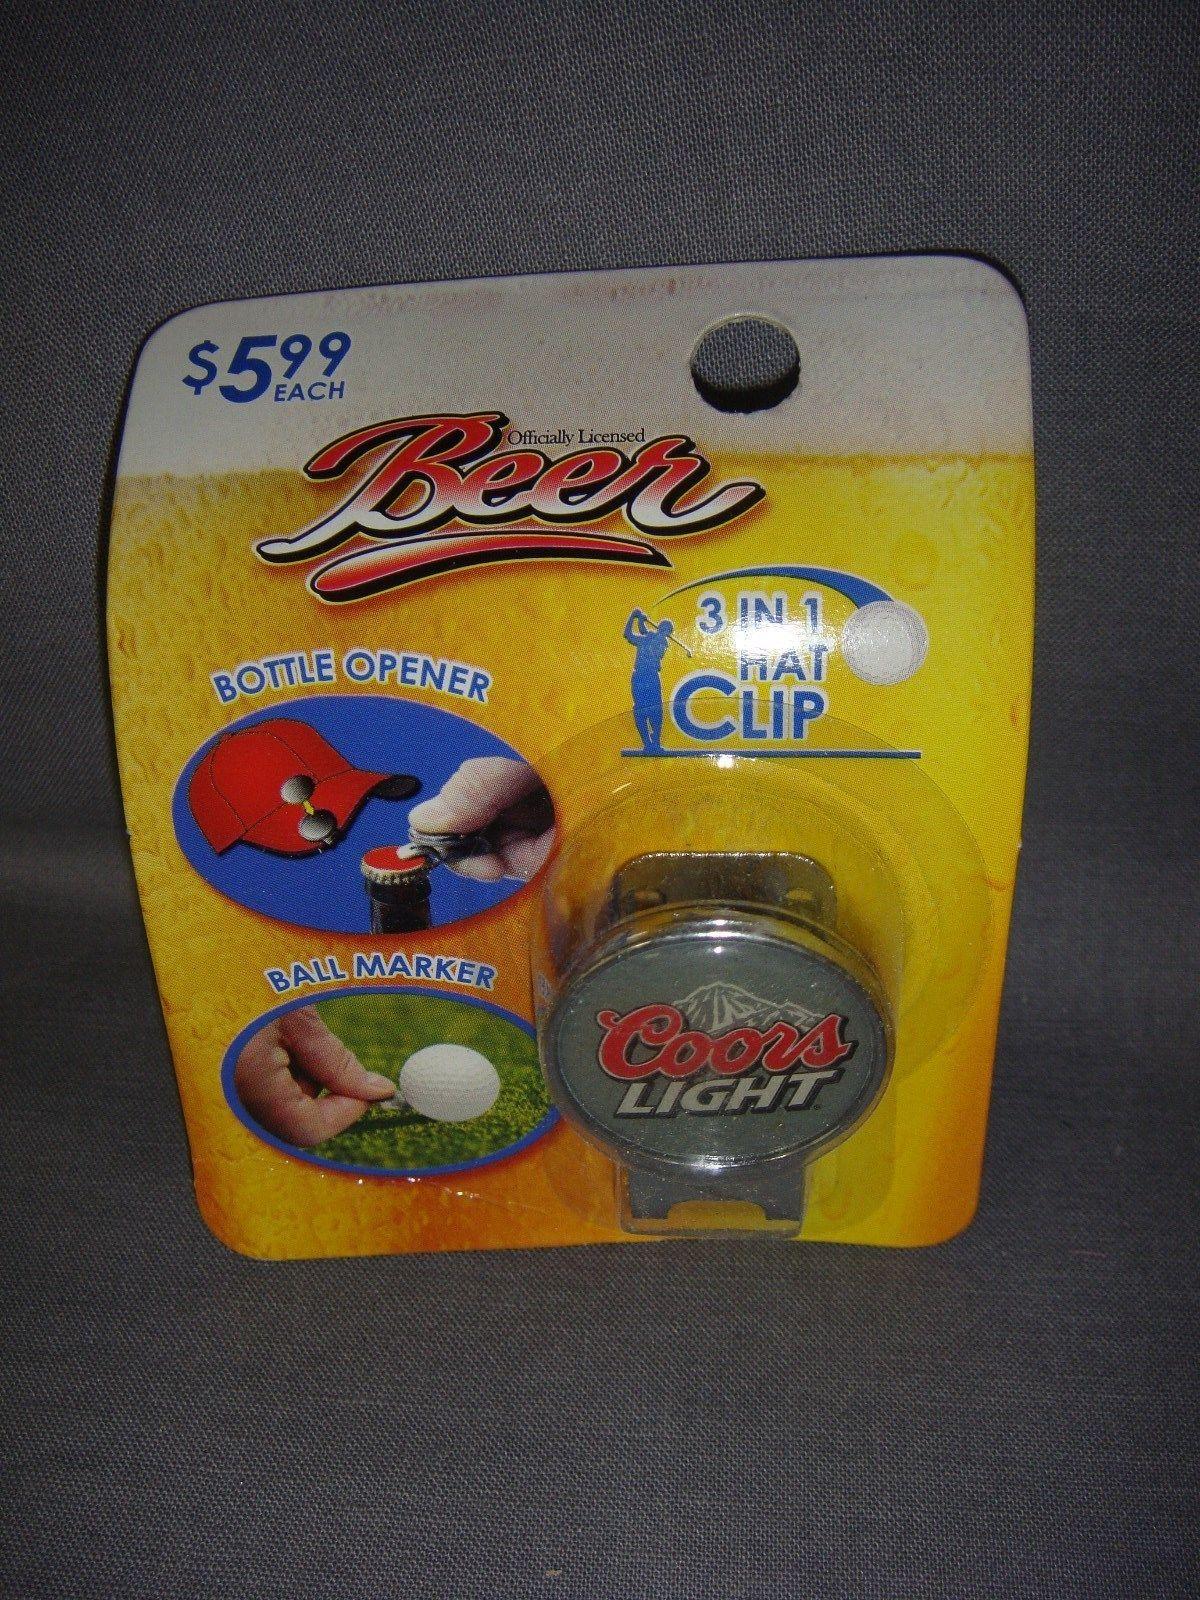 Large Coors Light Beer USA Beer Bottle Opener bar Tool Opener Opener White